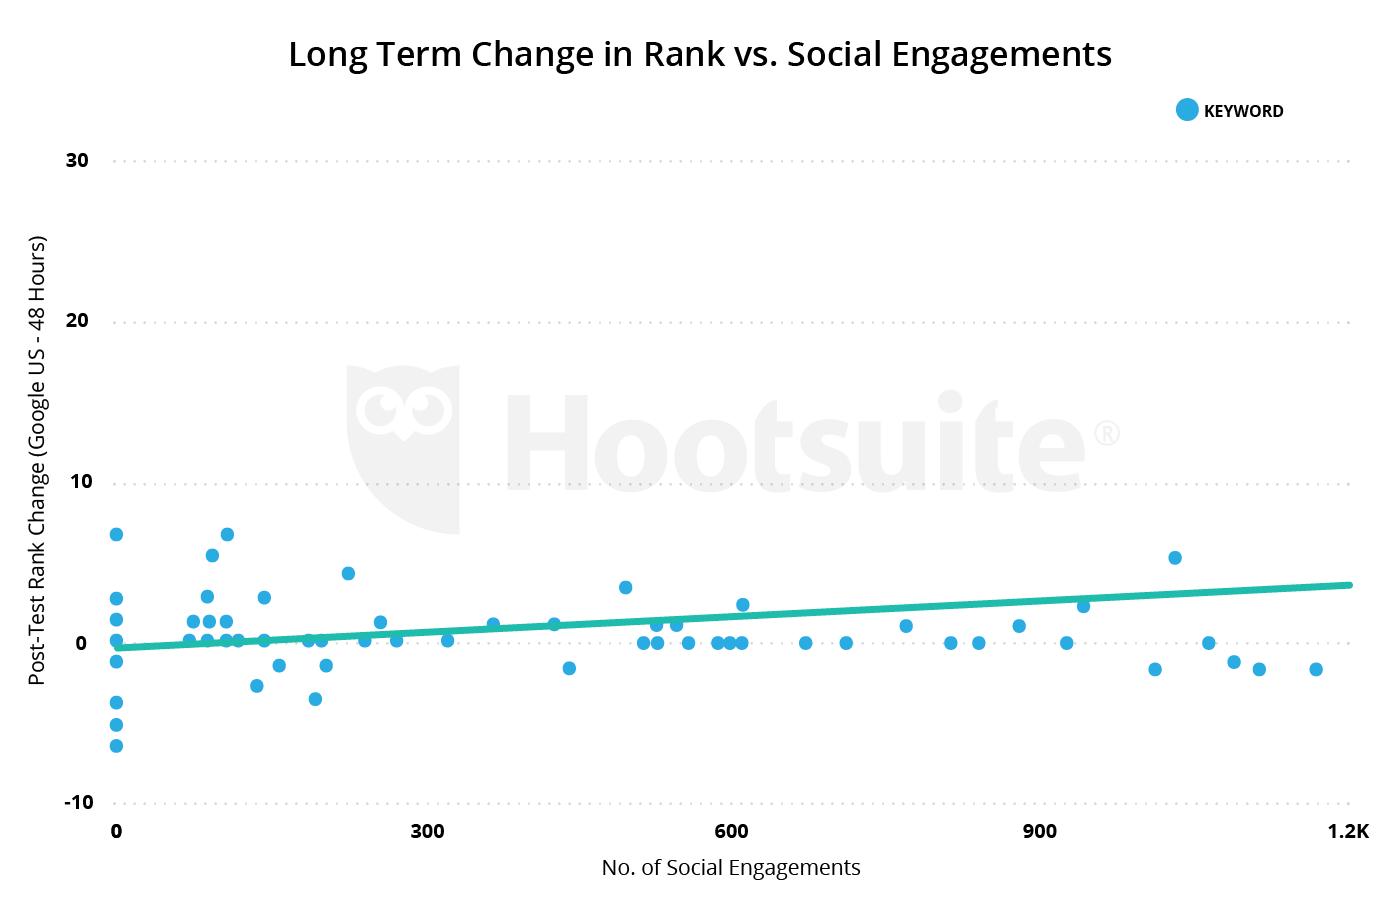 cambio a largo plazo en rango versus compromiso social